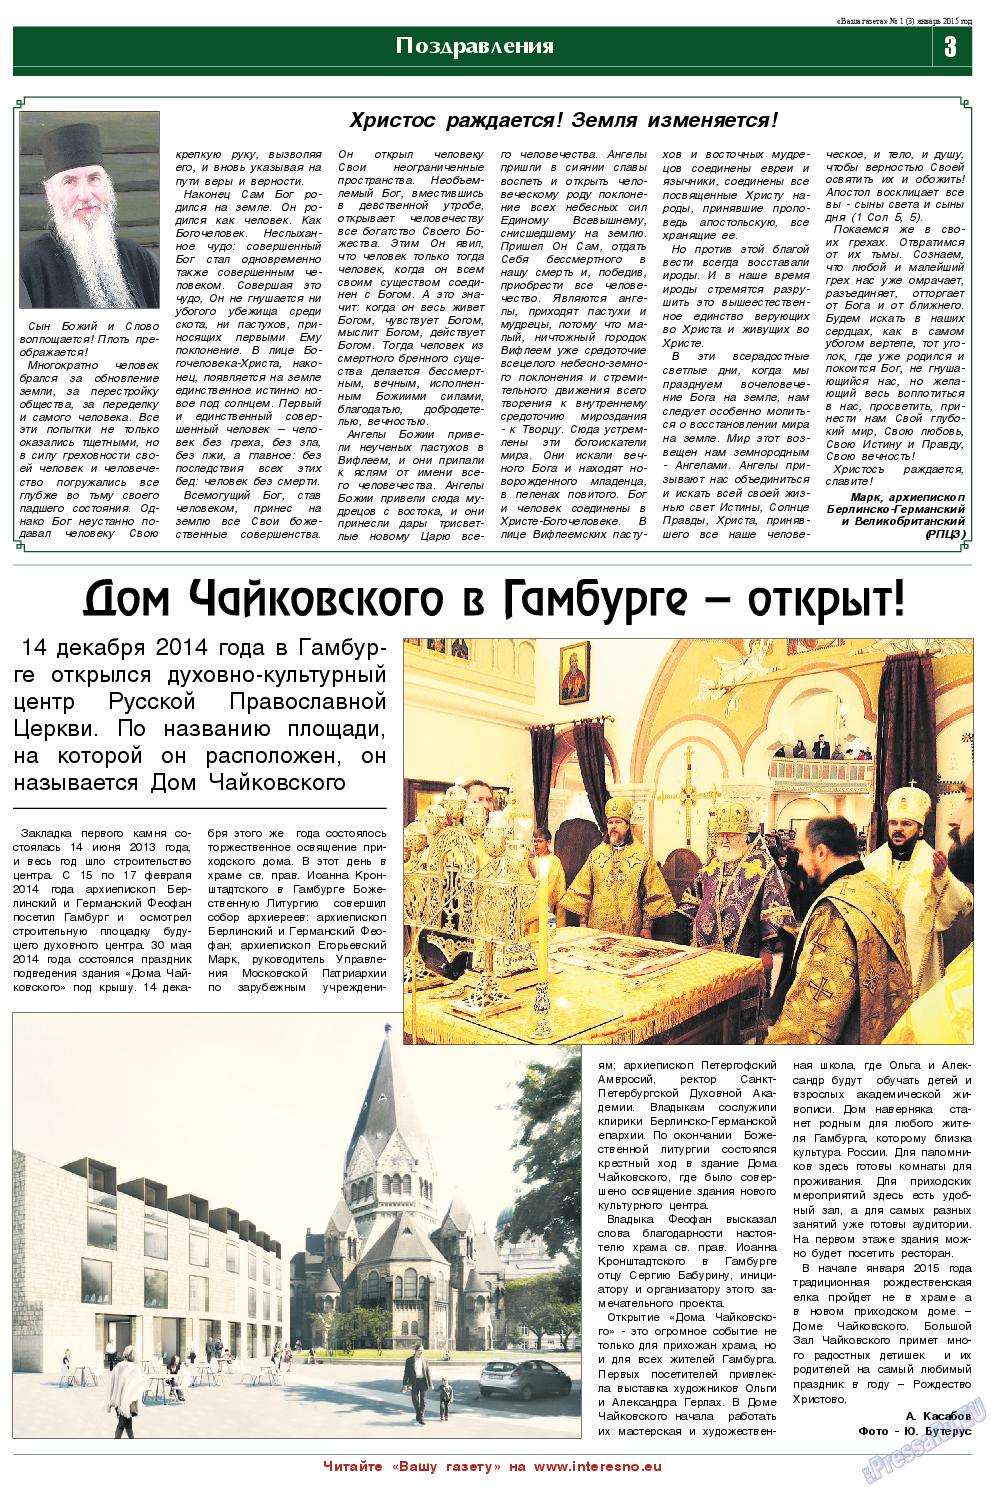 Ваша газета (газета). 2015 год, номер 1, стр. 3